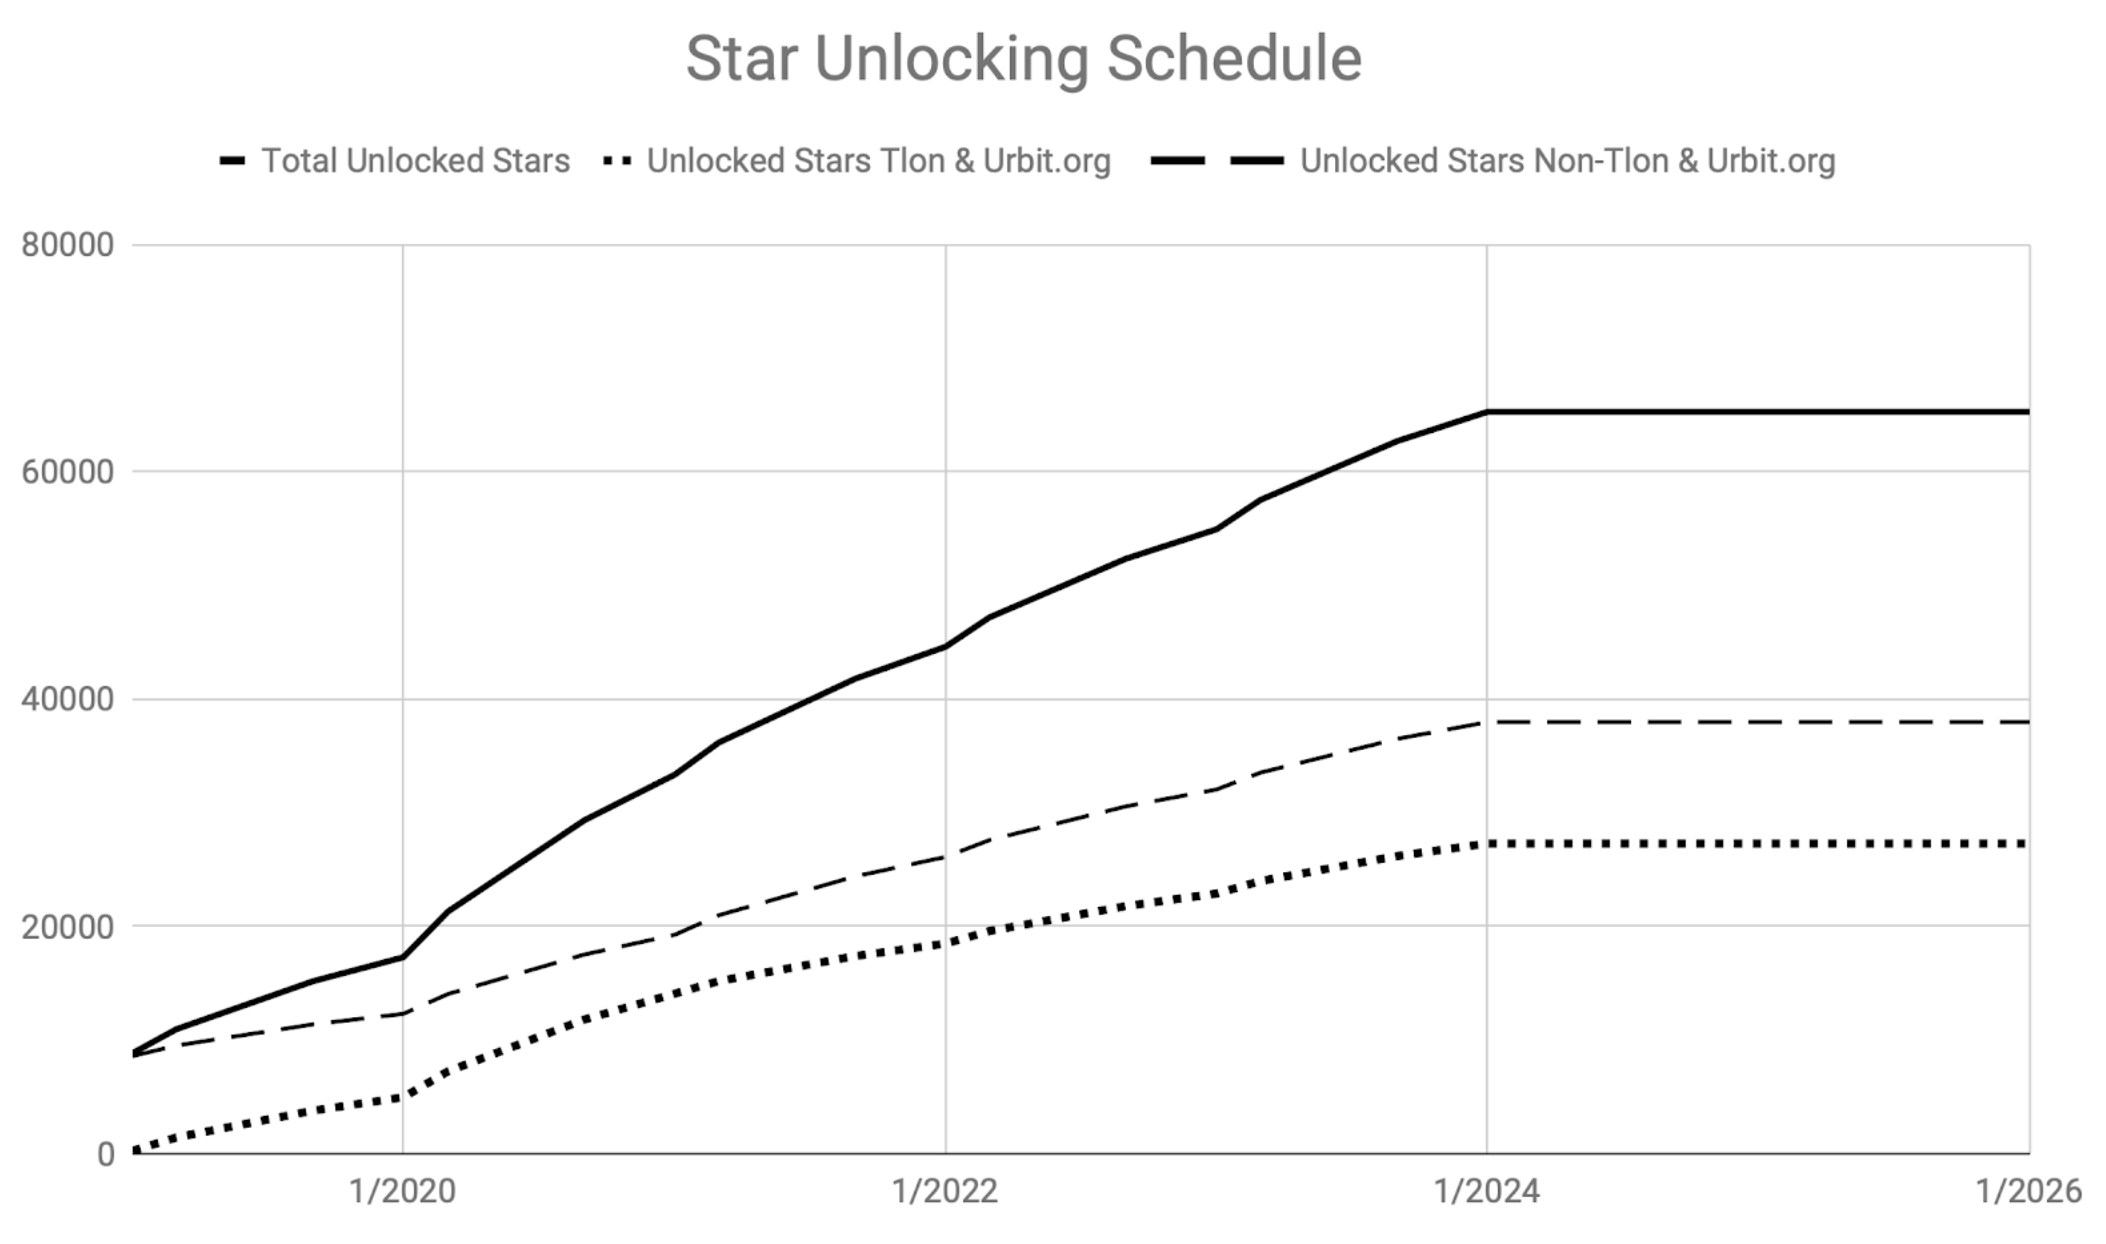 Star Unlocking Schedule